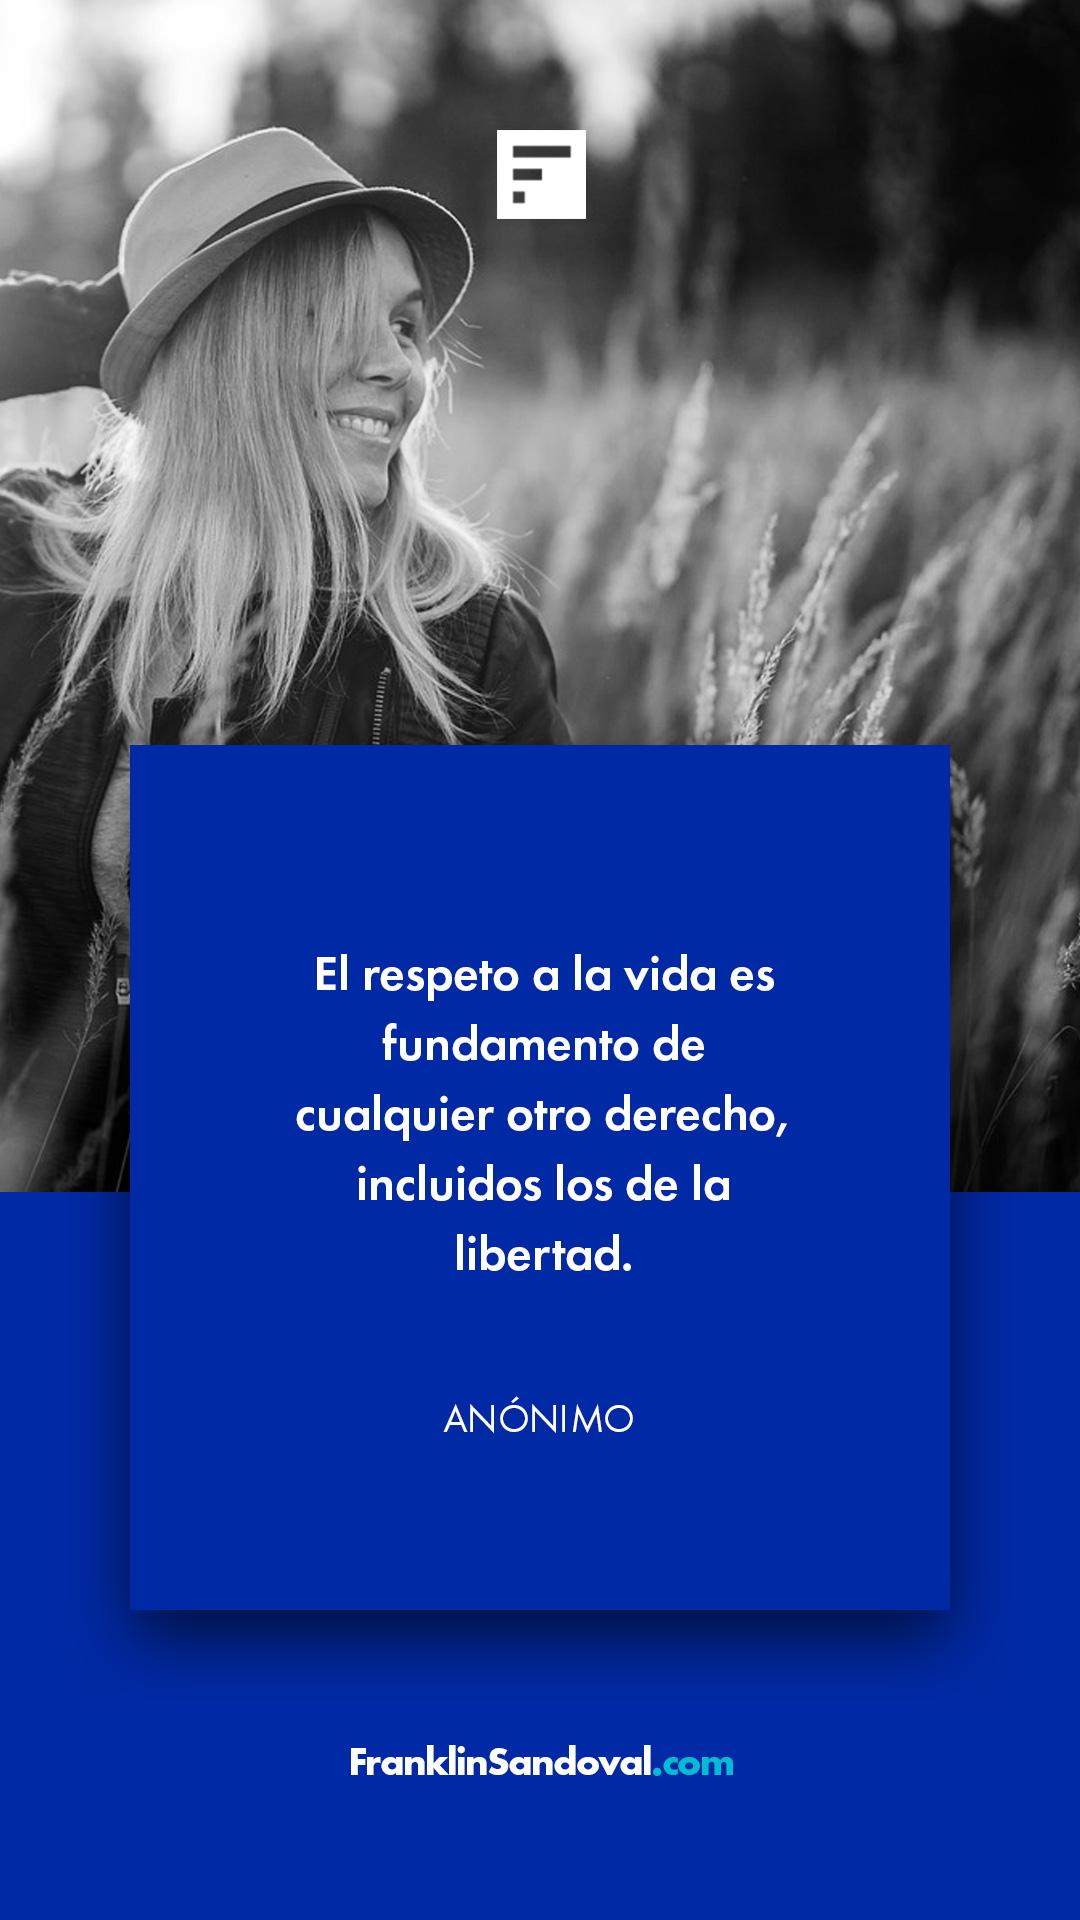 El respeto a la vida es fundamento de cualquier otro derecho incluidos los de la libertad. Frases motivadoras